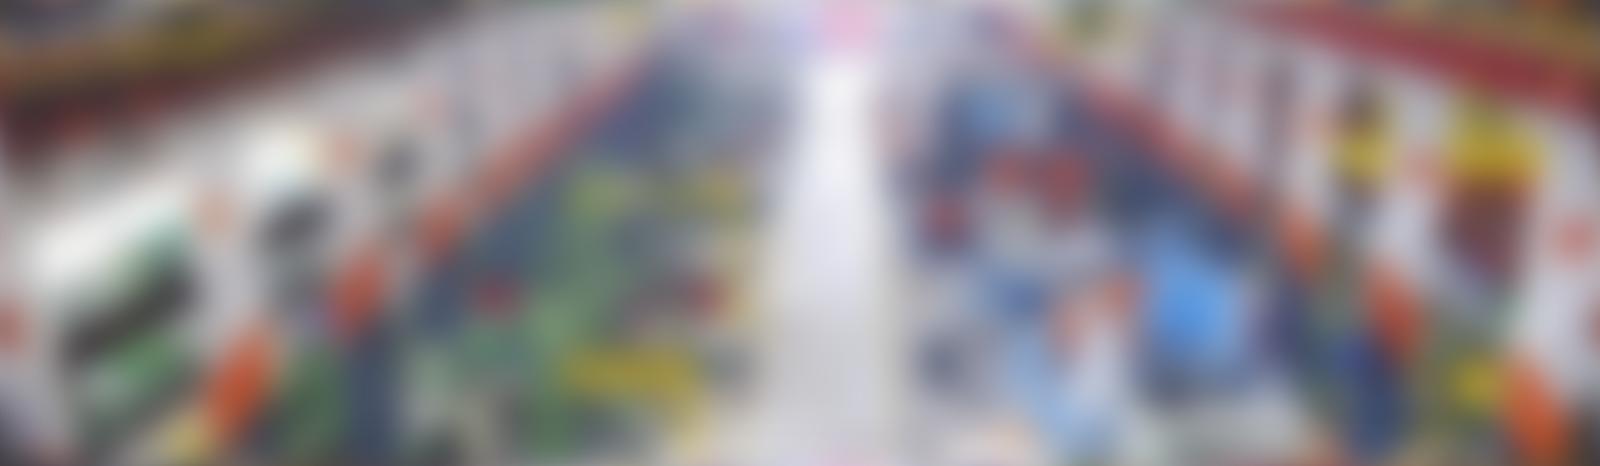 SlideIndustry1600x470_blur